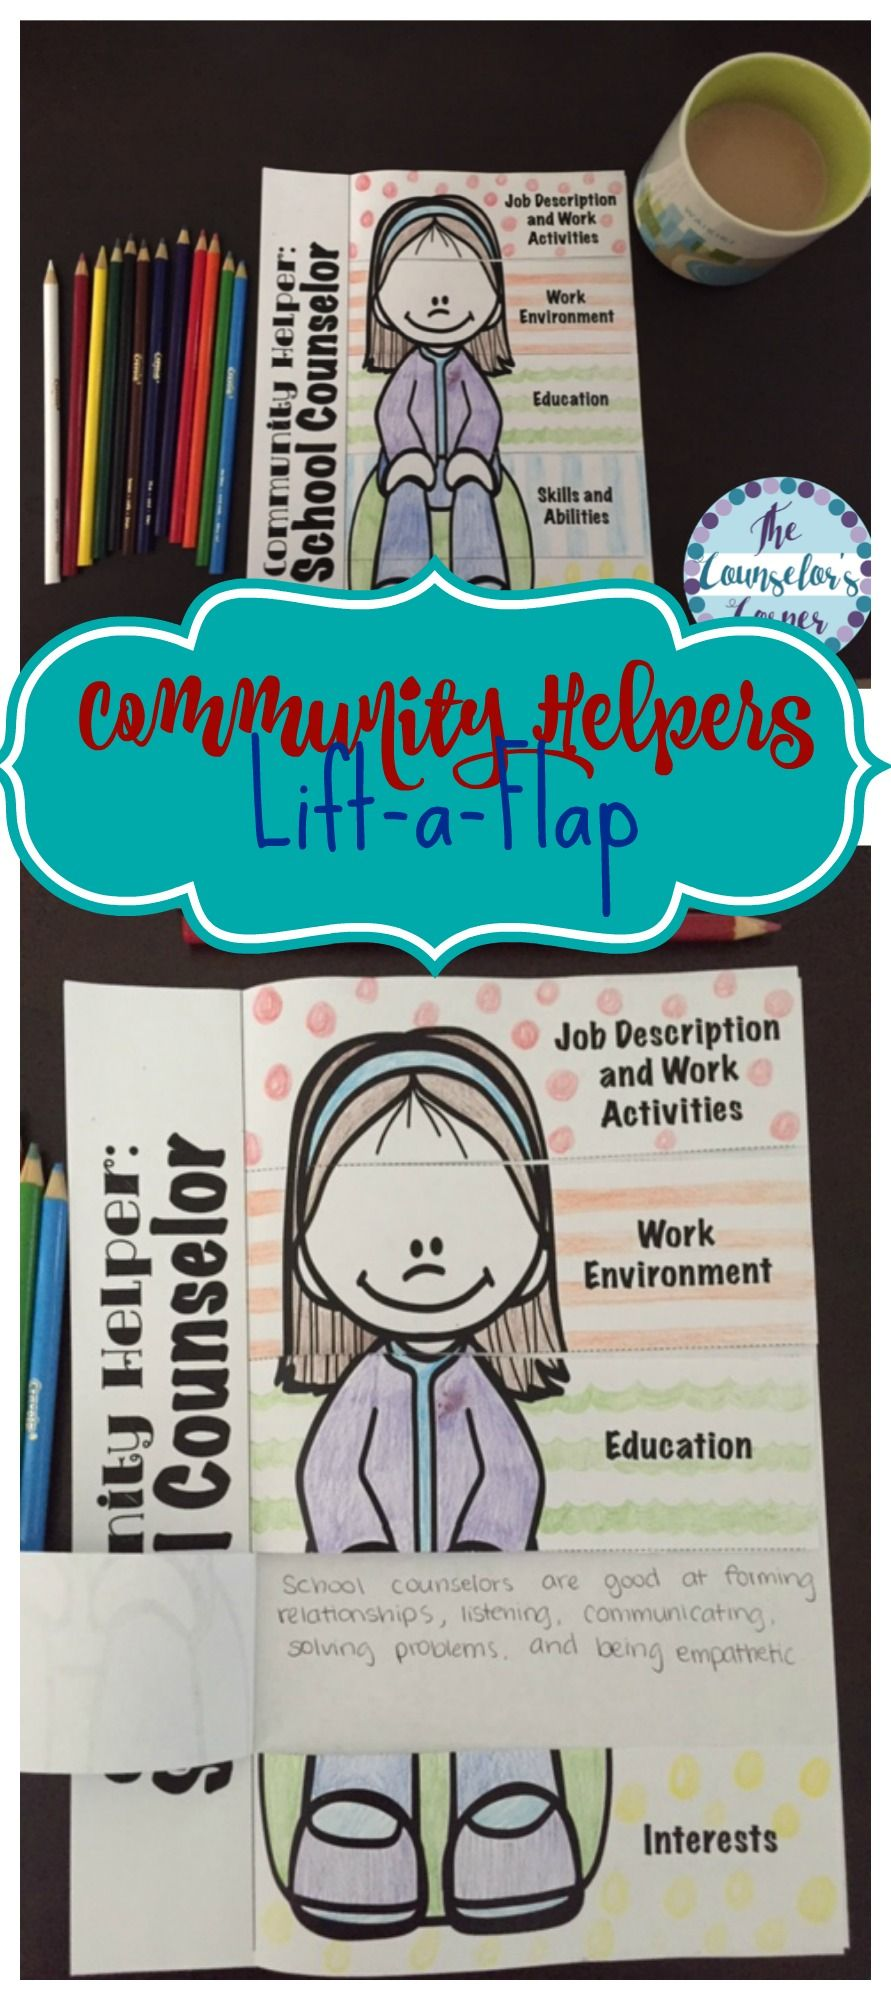 Community Helper LiftAFlap Students Explore The Job Description